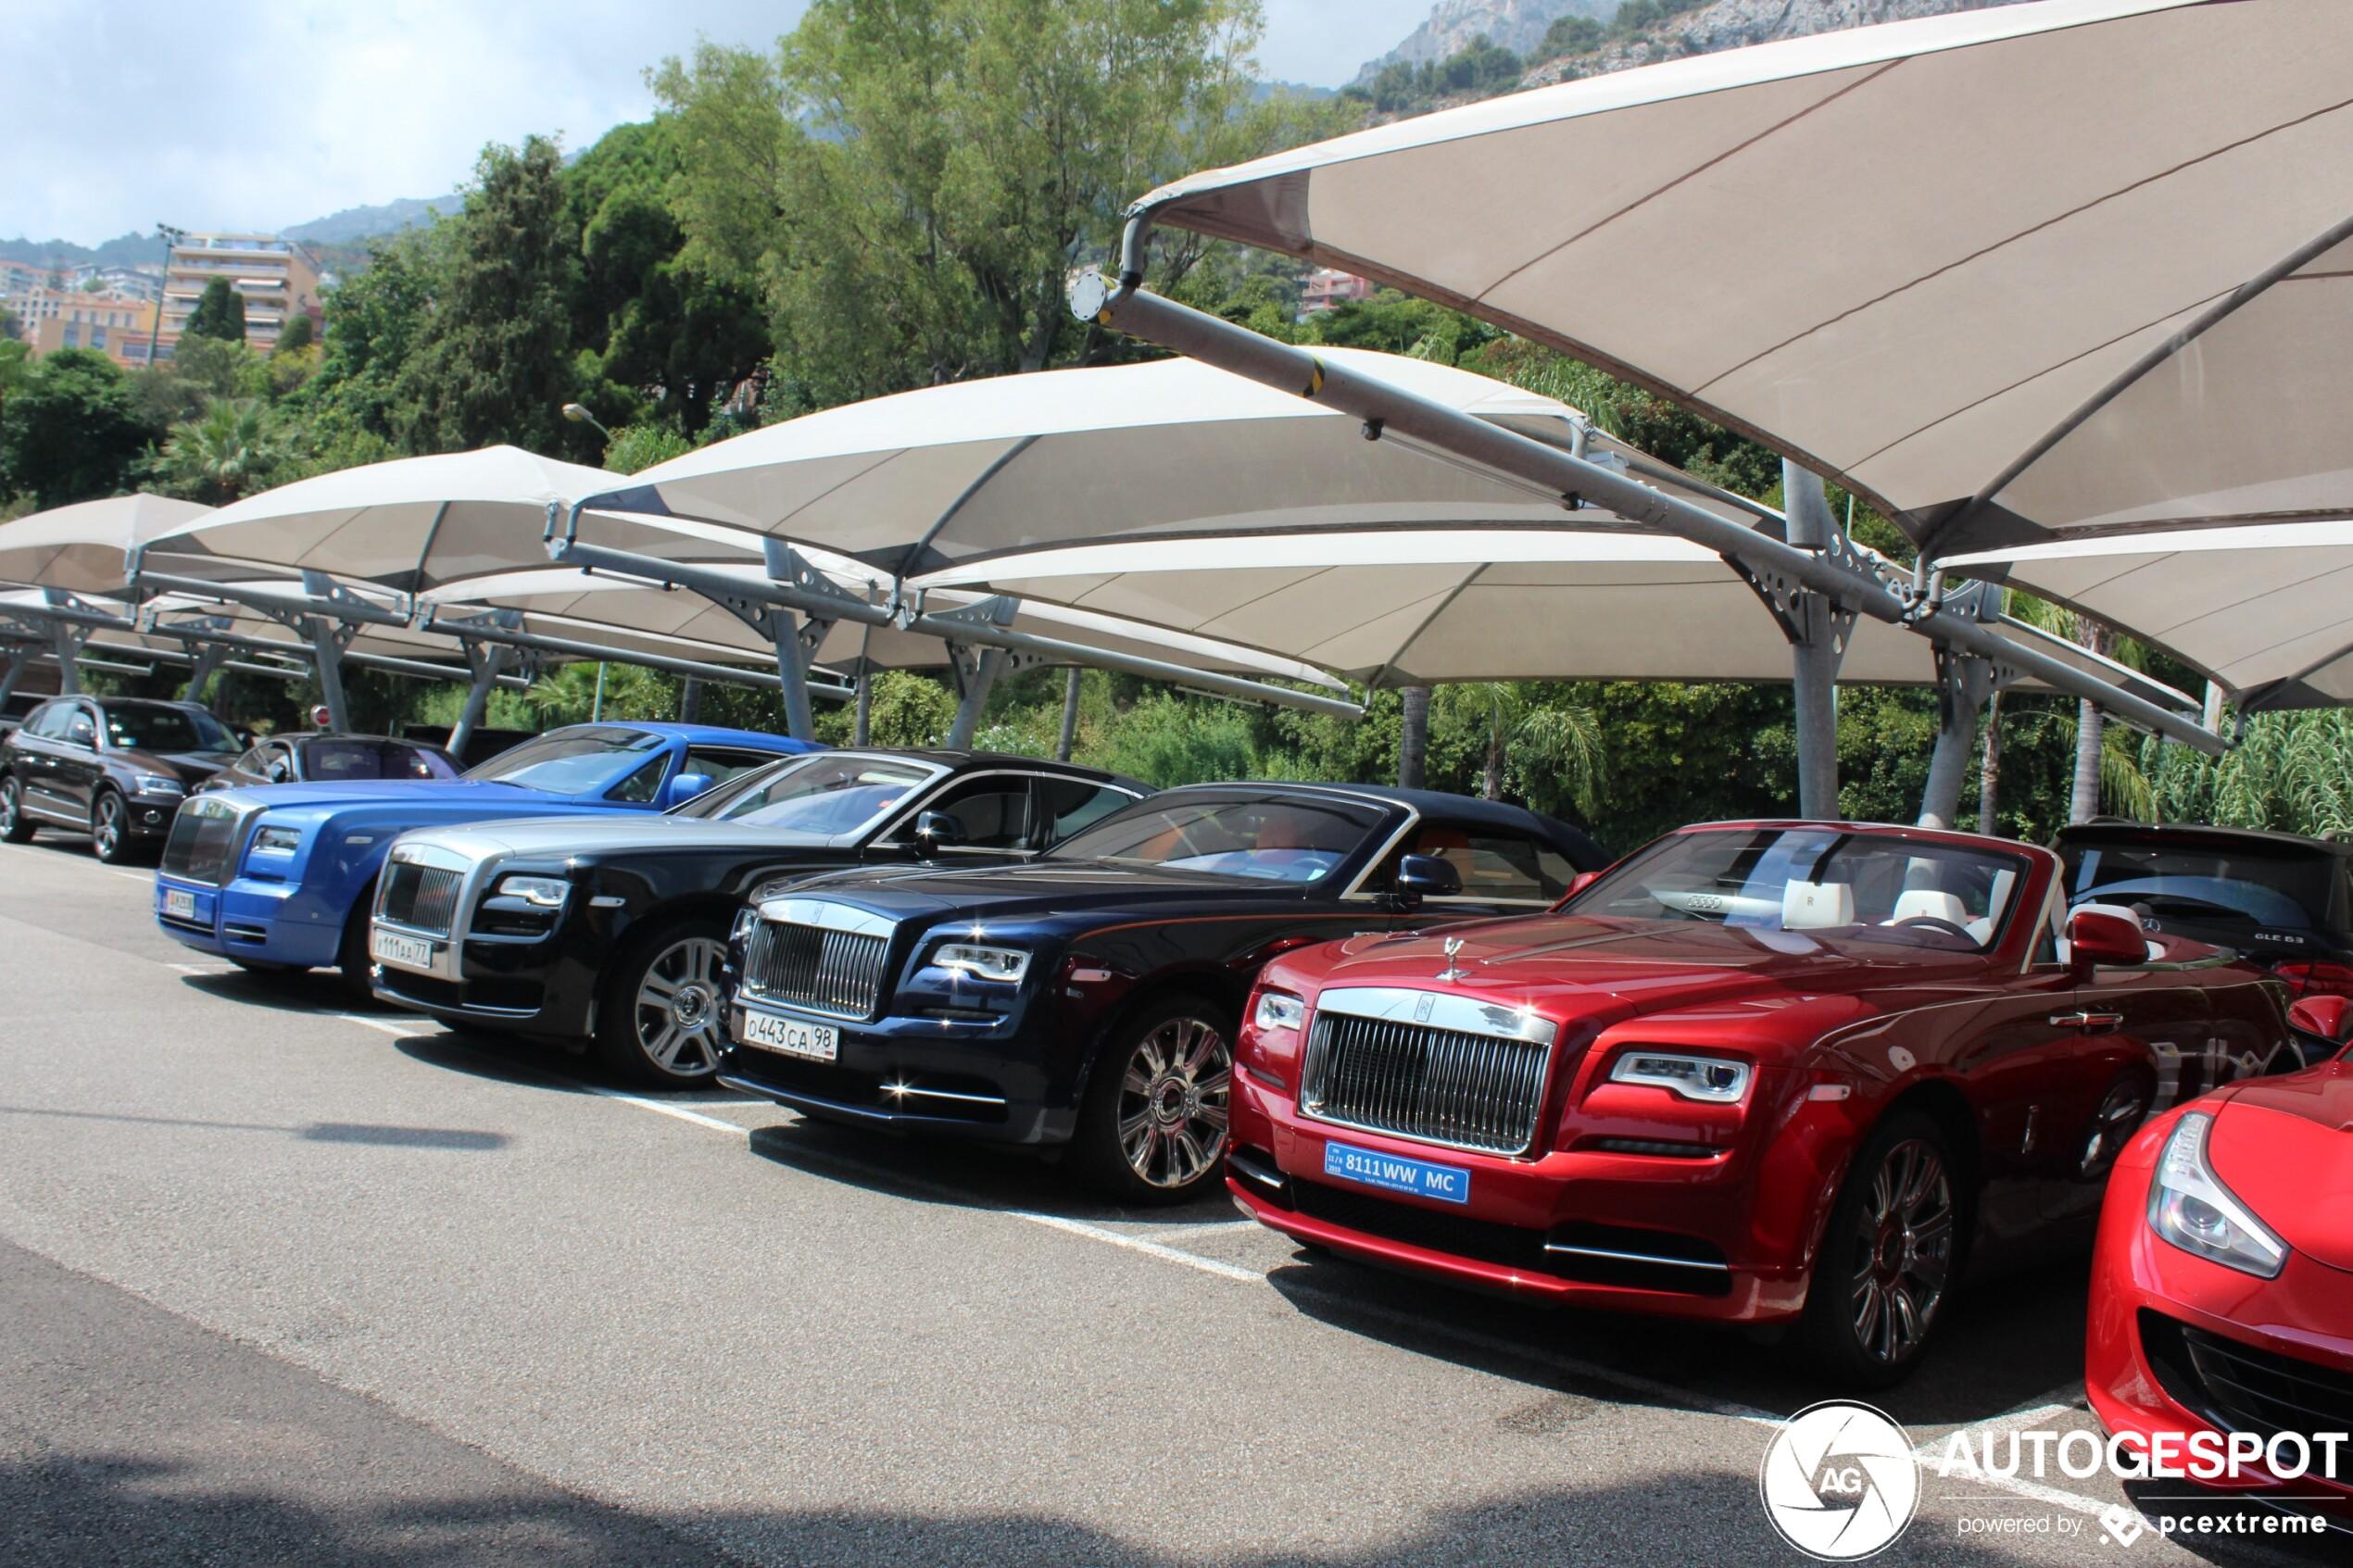 Met welke Rolls-Royce zou jij naar huis gaan?